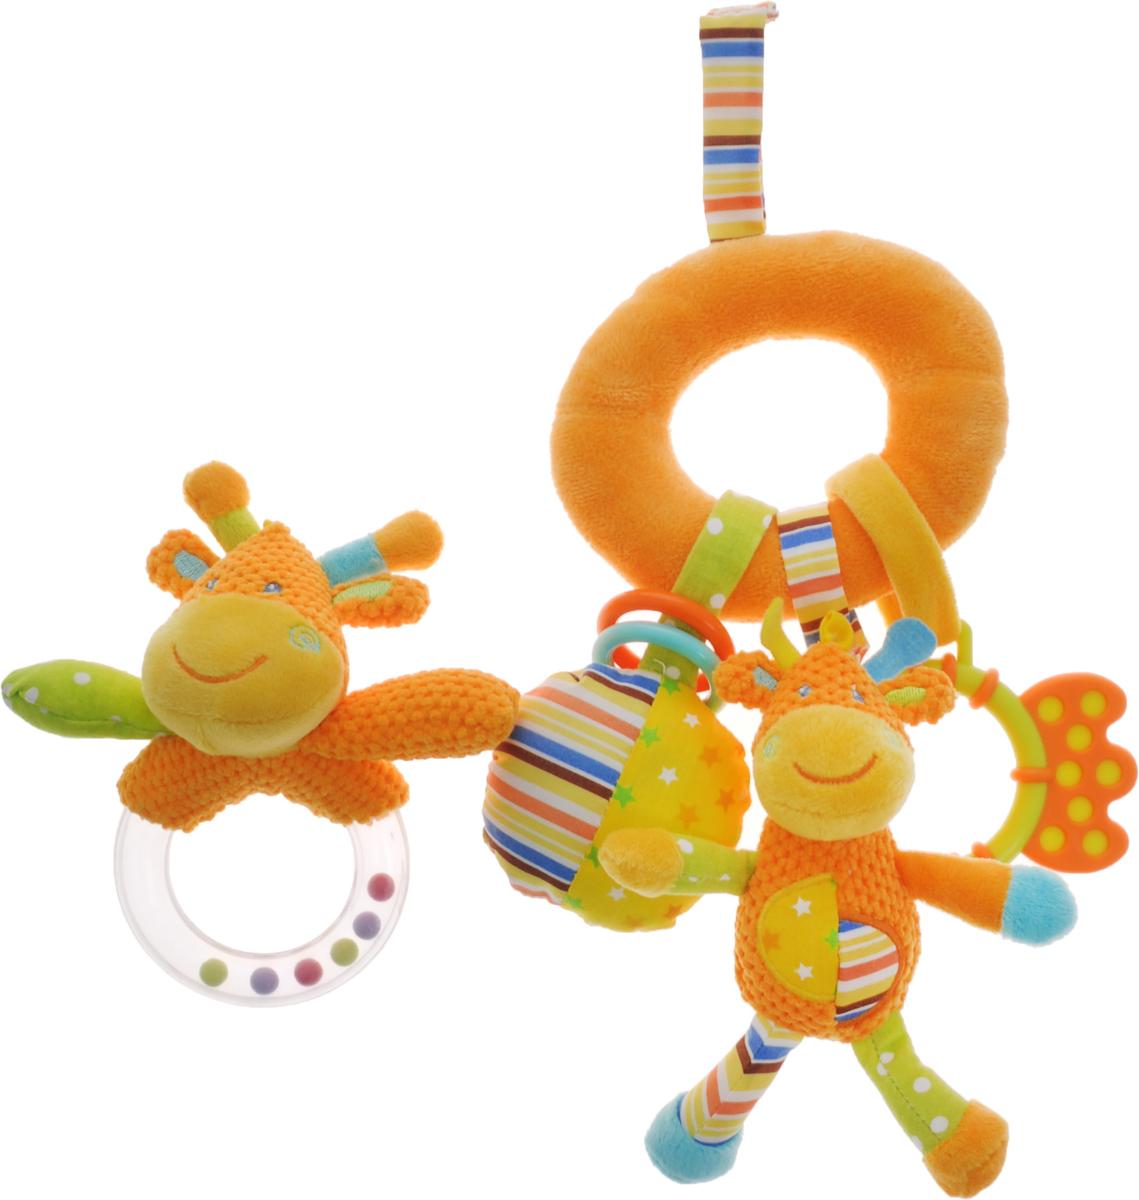 Жирафики Набор подарочный Первые игрушки малыша 2 предмета939302Подарочный набор Жирафики Первые игрушки малыша включает в себя погремушку и игрушку-подвеску. Набор предназначен для игровых целей, развития внимания, наглядно-действенного мышления, мелкой моторики, координации движений, цветовосприятия и тактильных ощущений. При встряхивании погремушка издает характерный приятный звук. Малыш с интересом будет следить за разноцветными шариками внутри колечка. Забавная погремушка поднимет вашему малышу настроение и непременно вызовет улыбку! Игрушка подвеска содержит элемент пищалки и погремушку. С помощью пластикового незамкнутого кольца и текстильной веревочки на липучке игрушку можно подвесить к кроватке, коляске, автокреслу или игровой дуге малыша. Игрушки поставляются в удобной пластиковой сумочке, что отлично подойдет в качестве подарка.